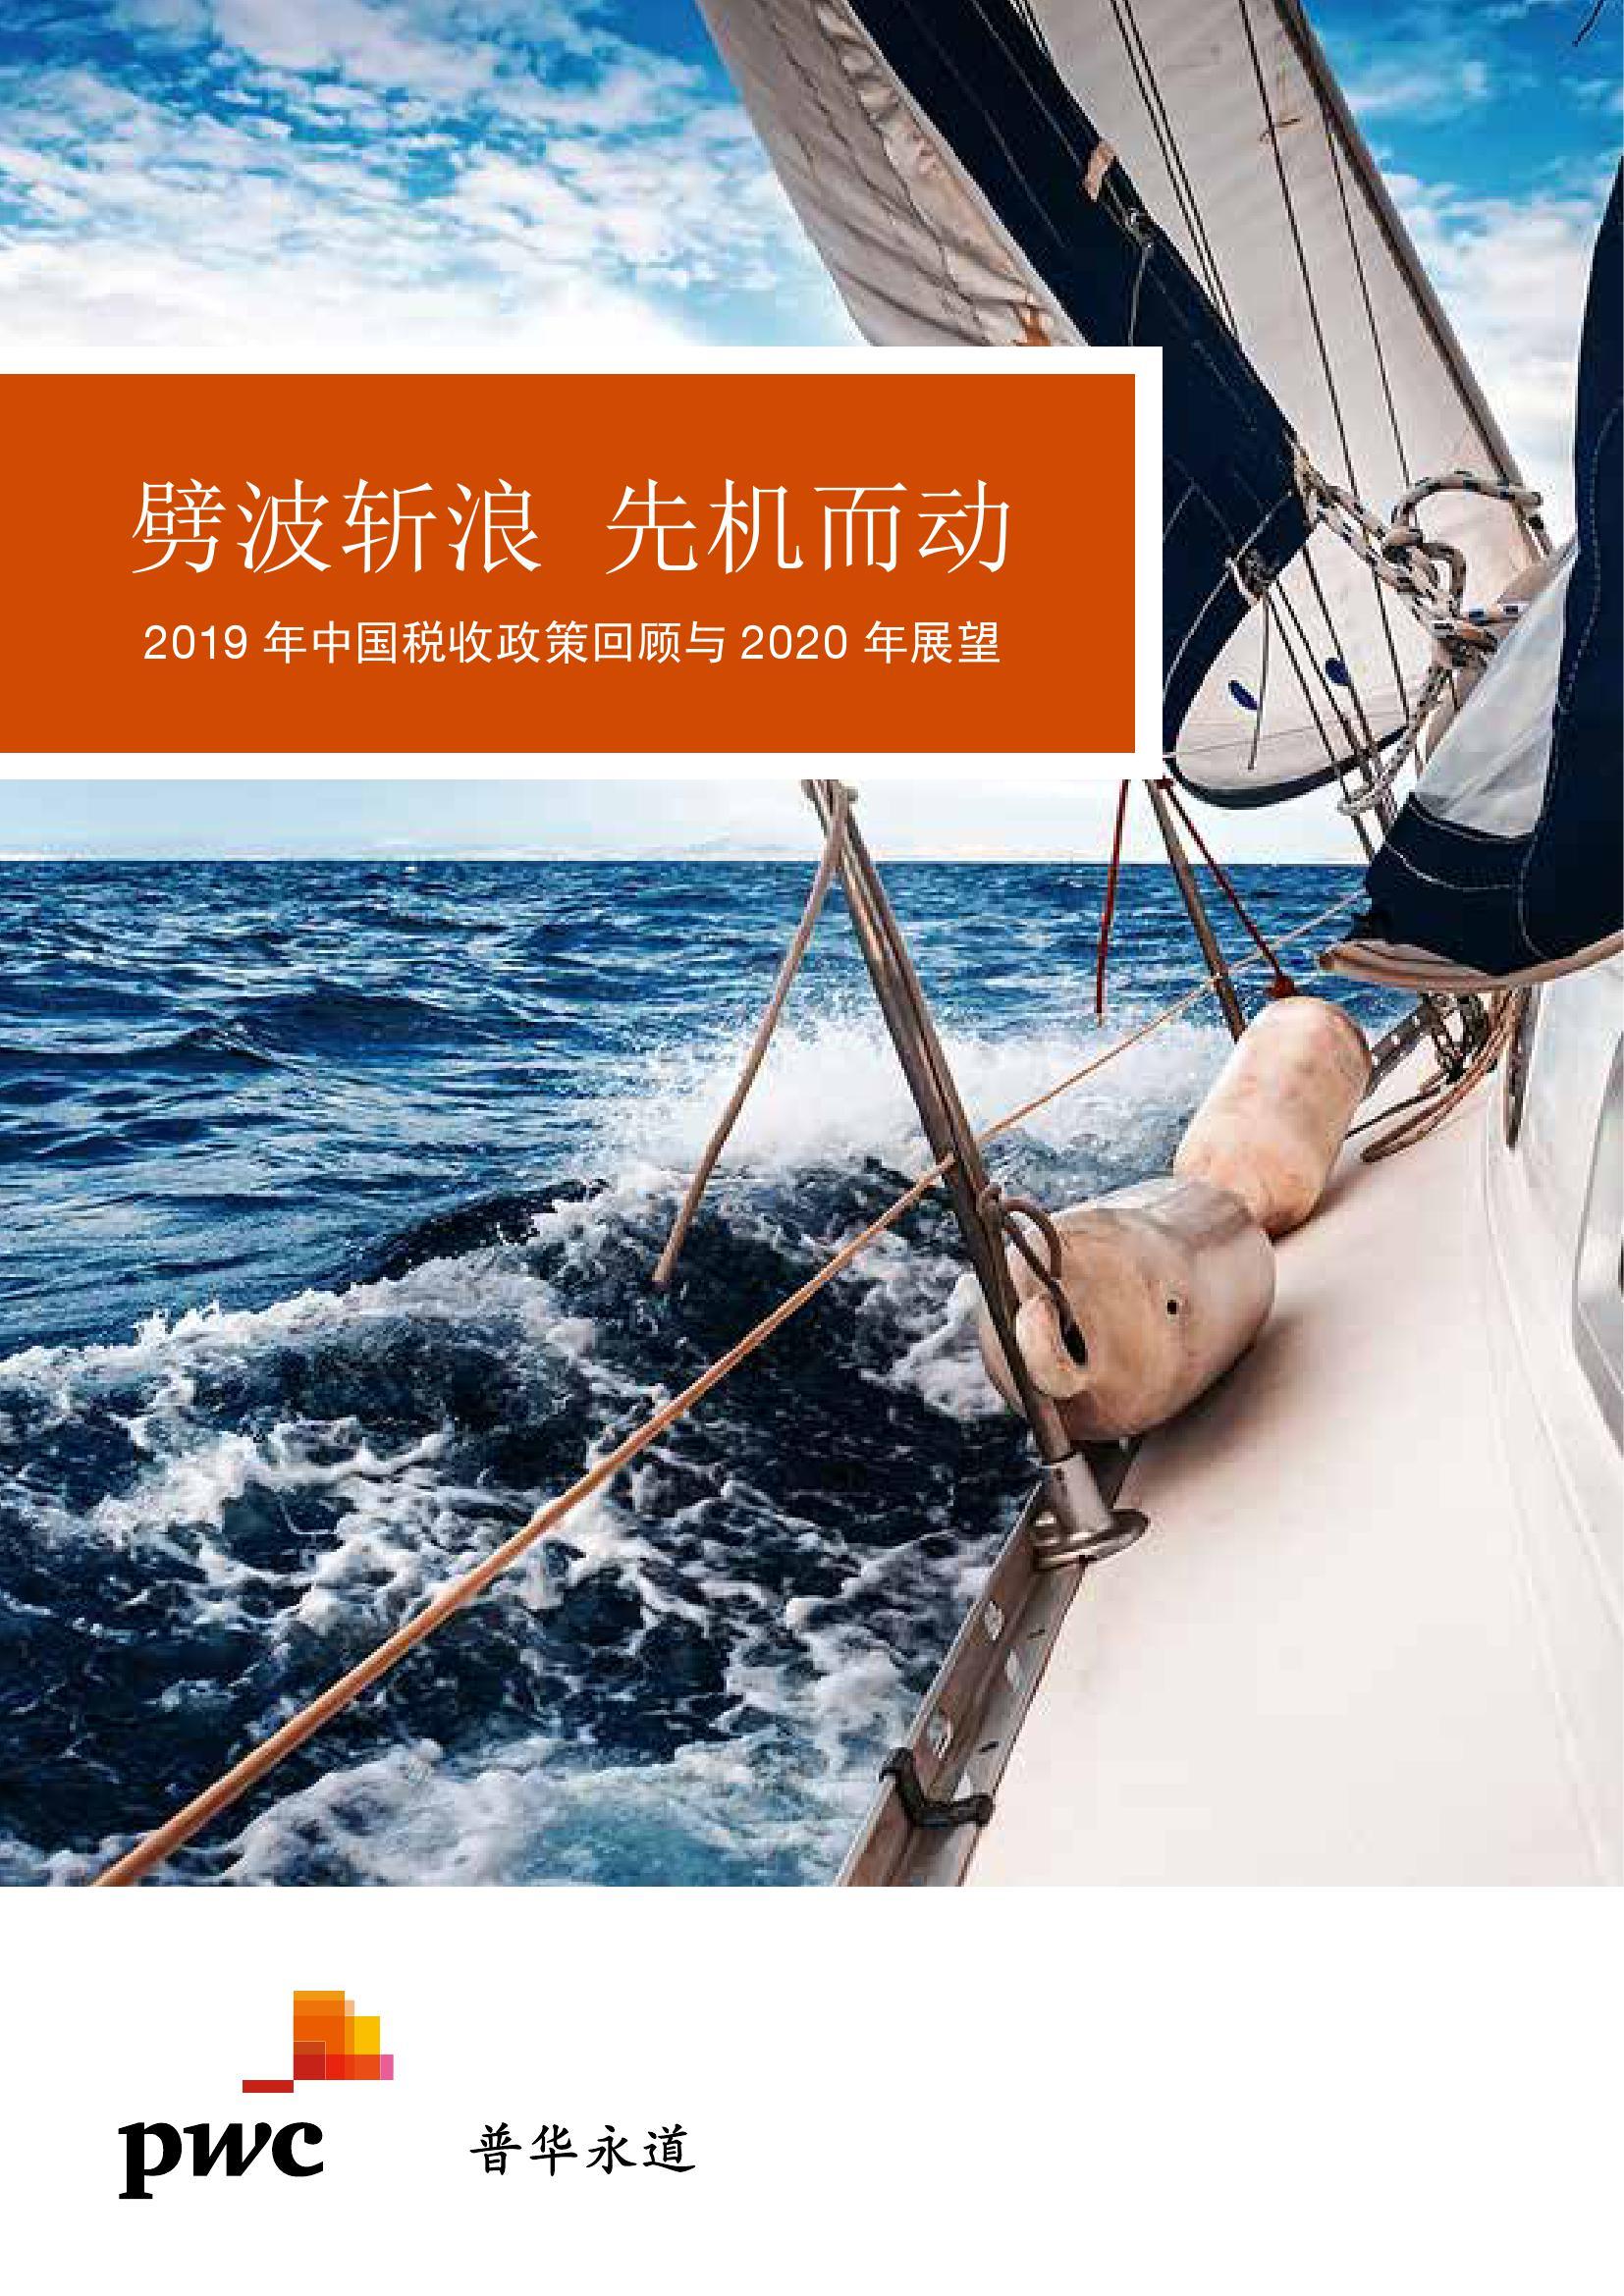 普华永道:2019年中国税收政策回顾与2020年展望(附下载)